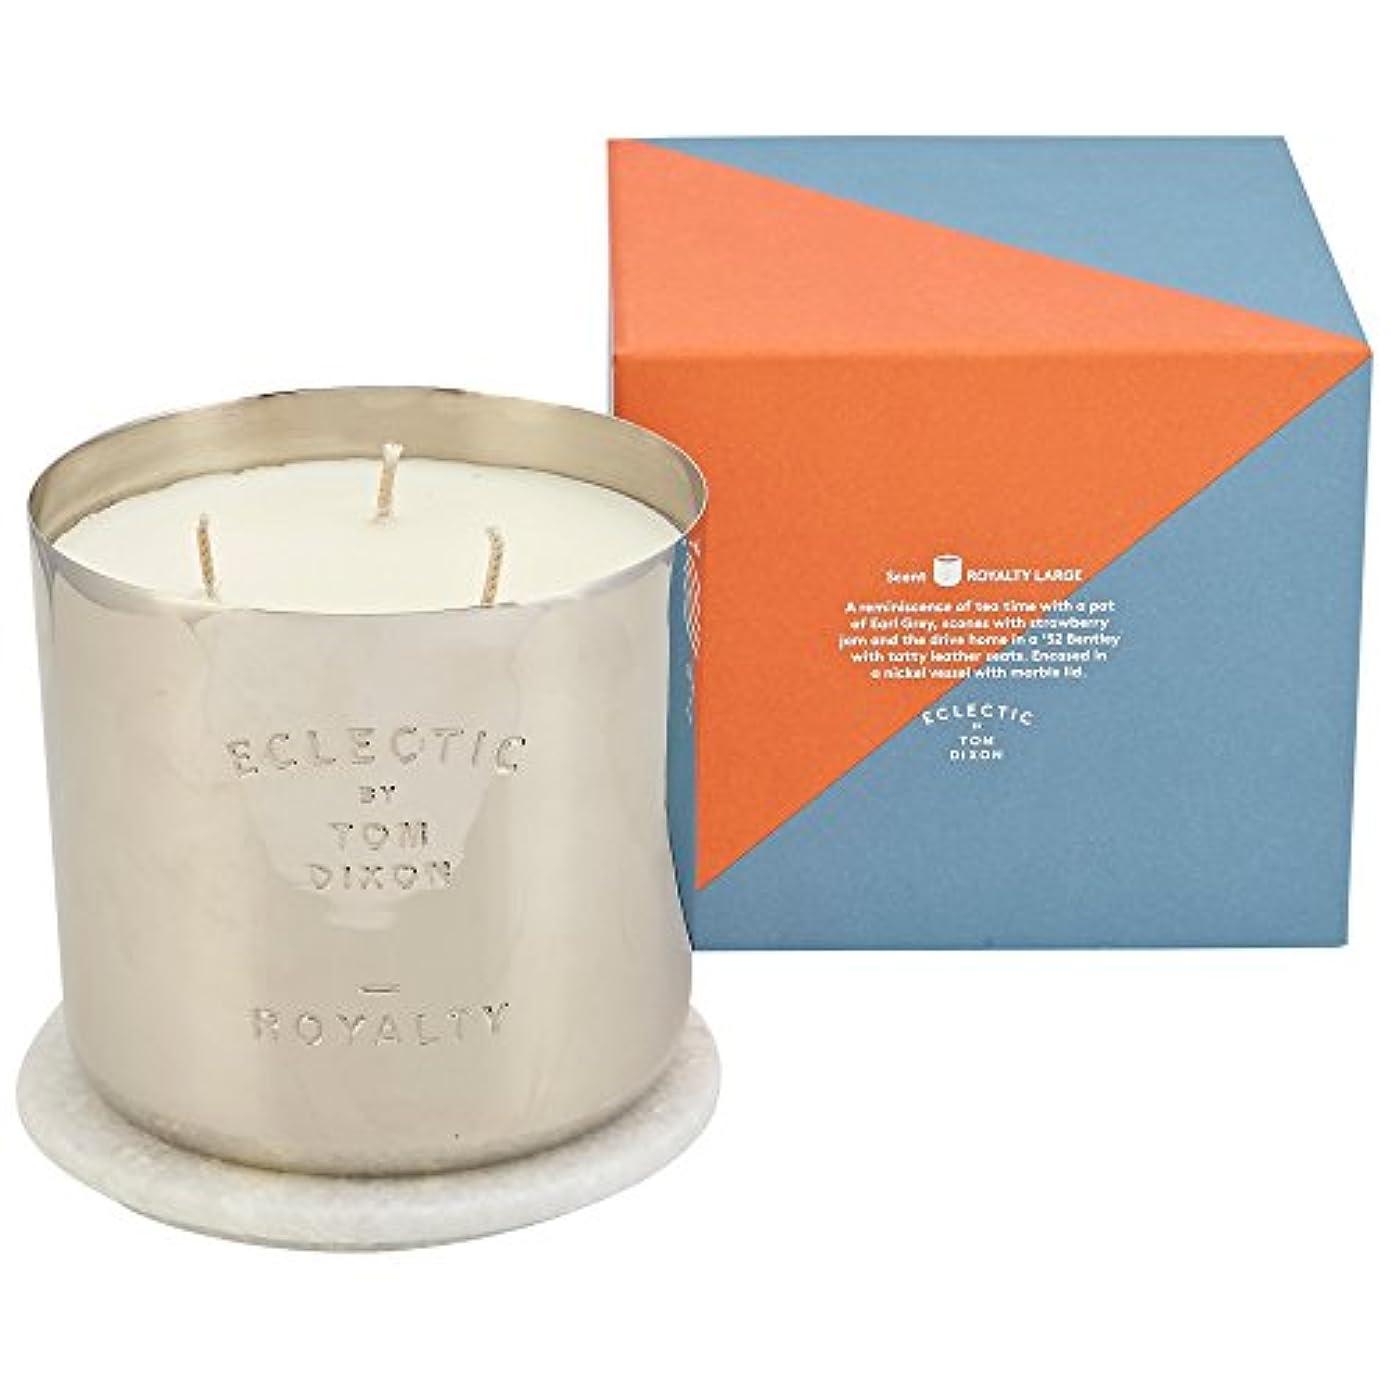 モスクインペリアル直径Tom Dixon Royalty Scented Candle Large - トムディクソンロイヤリティ大きな香りのキャンドル [並行輸入品]